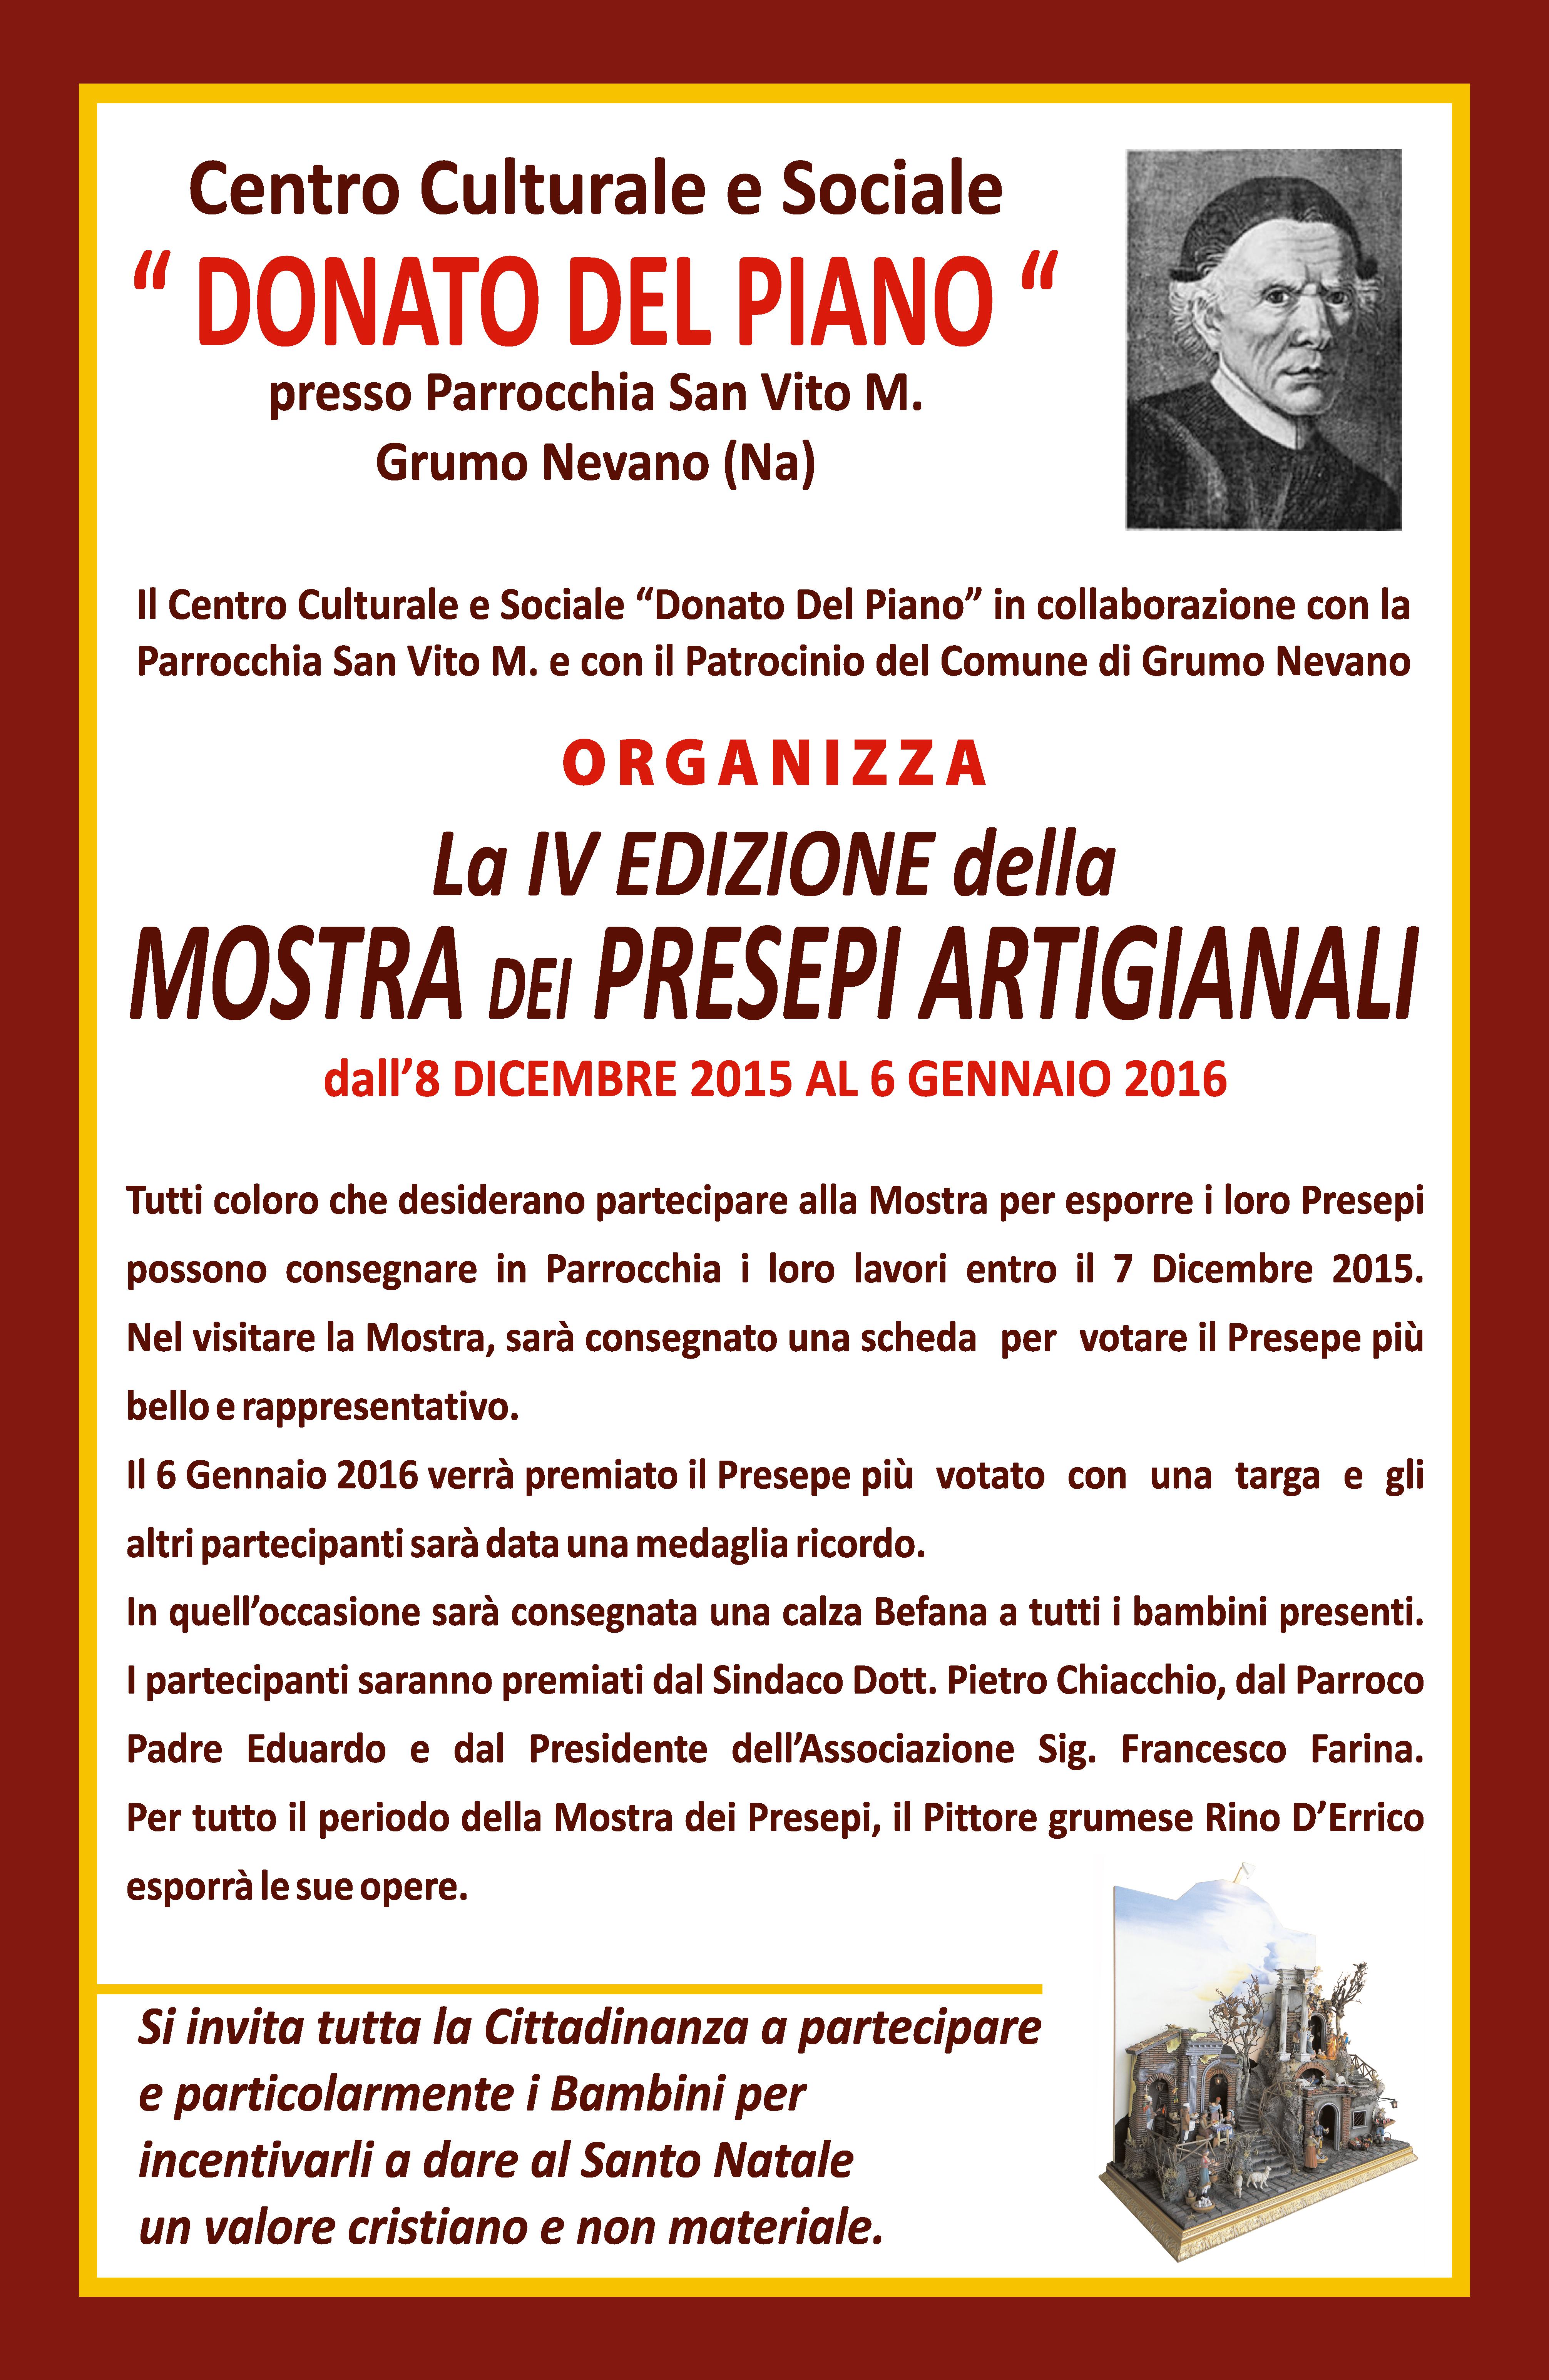 Con il patrocinio del comune di Grumo Nevano il circolo DONATO DEL PIANO organizza, presso parrocchia san vito martire, IV edizione della mostra dei presepi artigianali dall'8 dicembre 2015 al 6 gennaio 2016.